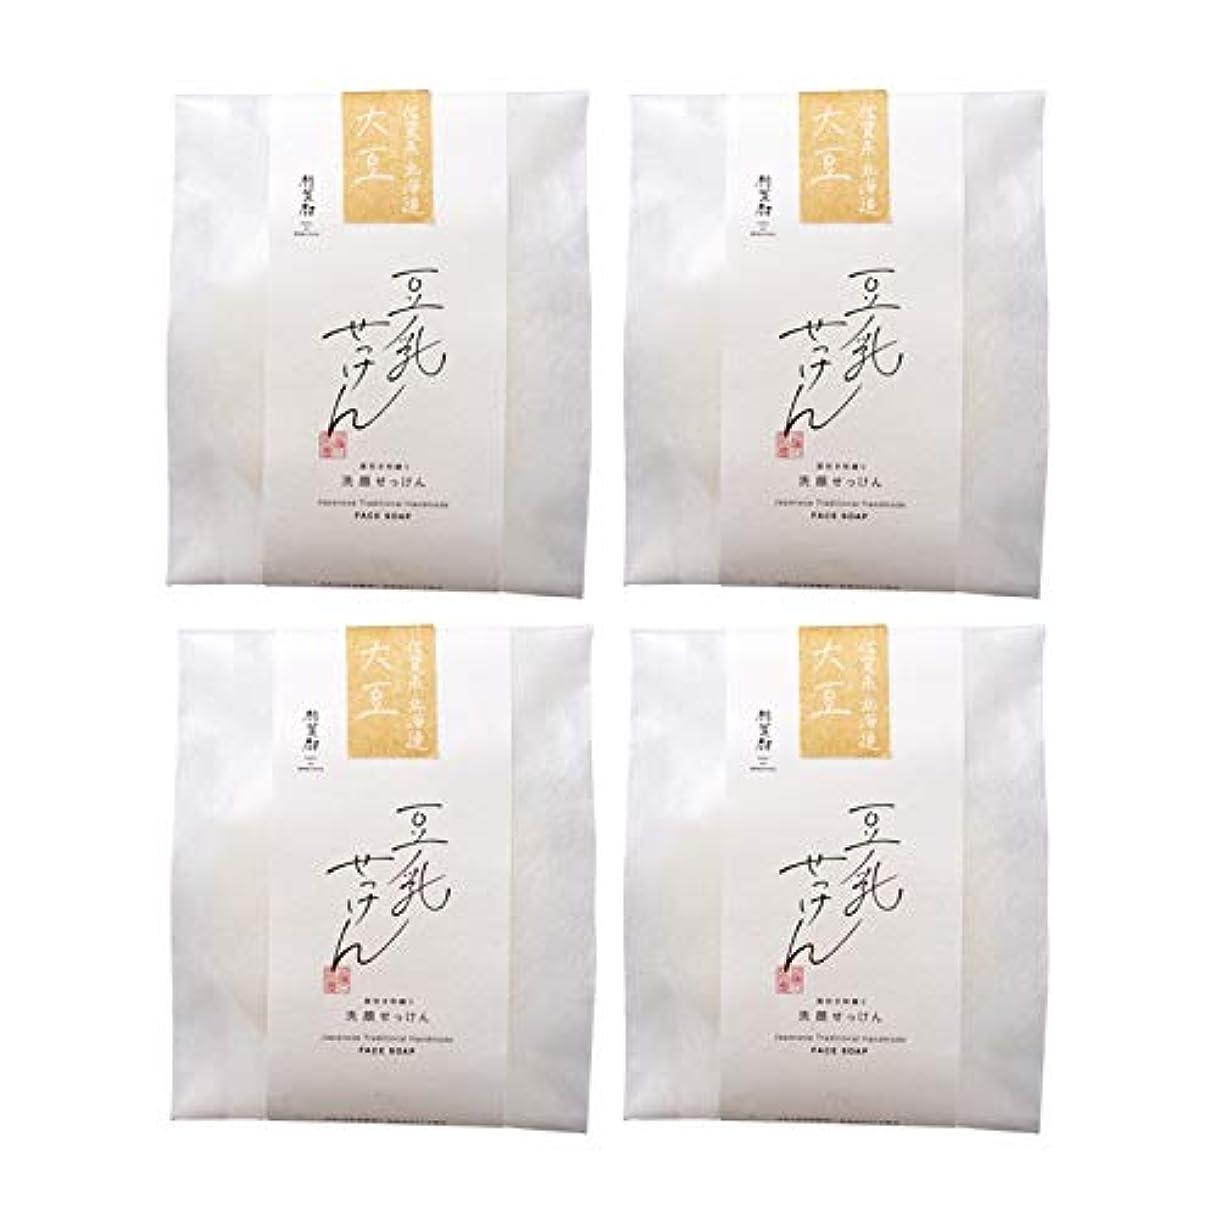 干し草十分ハンドブック豆腐の盛田屋 豆乳せっけん 自然生活 100g×4個セット